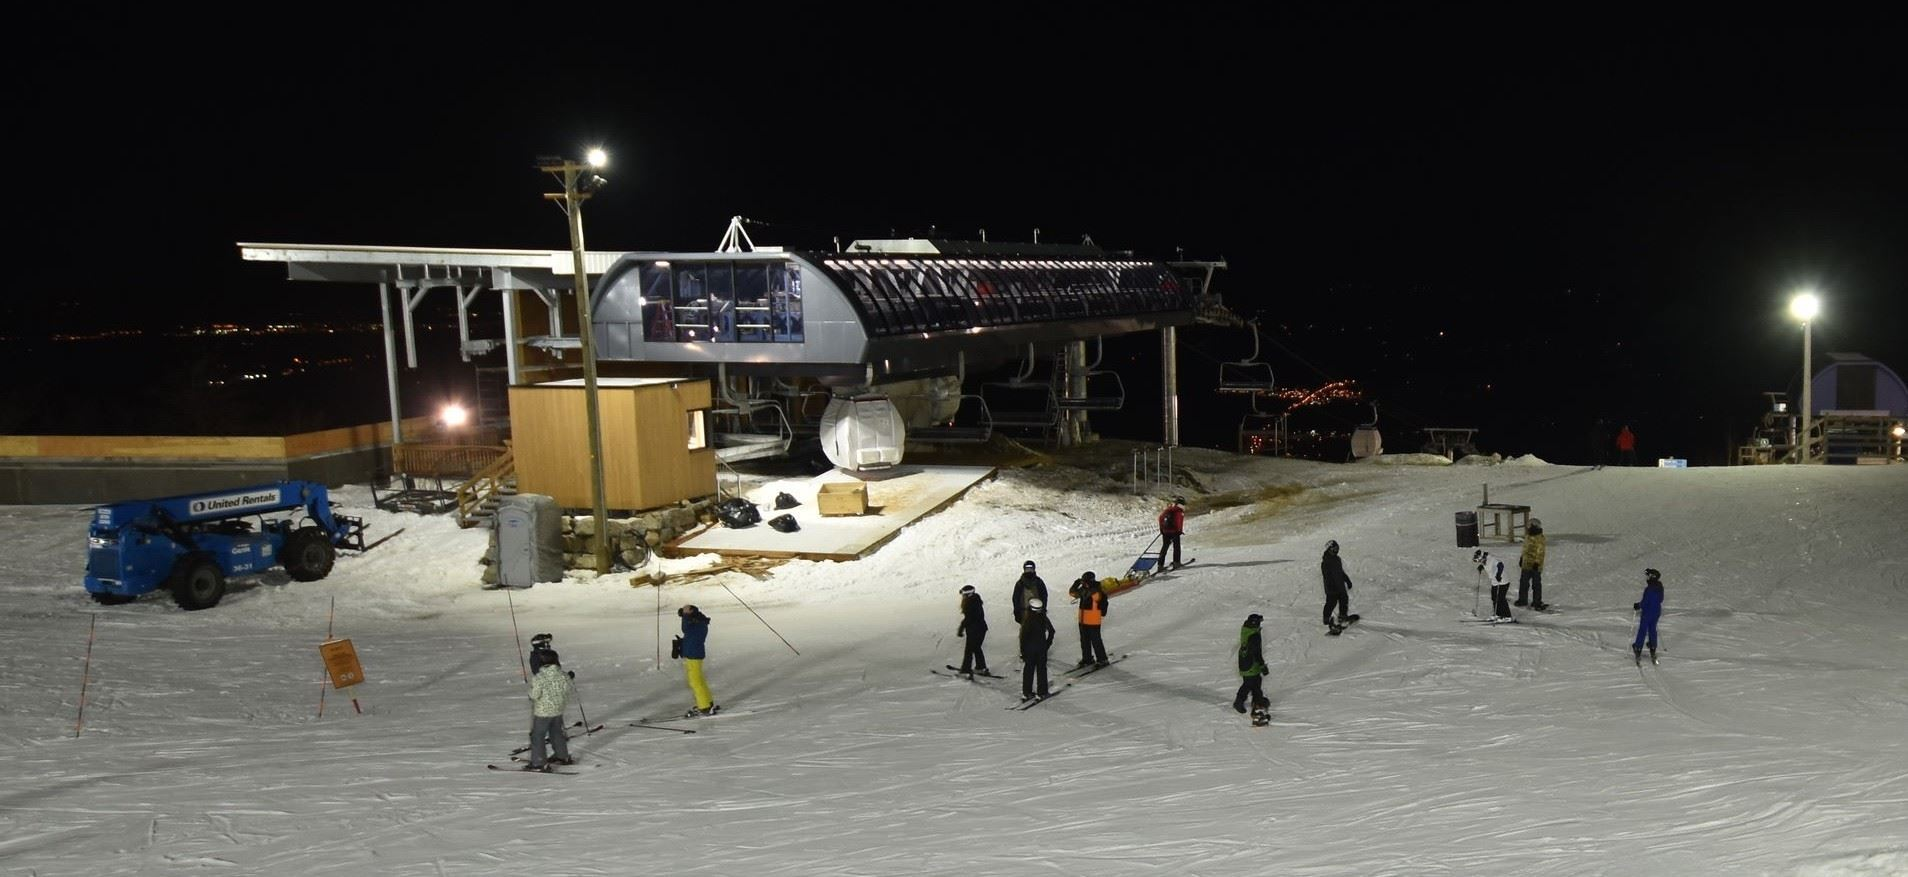 bromont-summit-dec15-pm.thumb.jpeg.a56c0fcdb22033f75f11c6ae2b134f52.jpeg